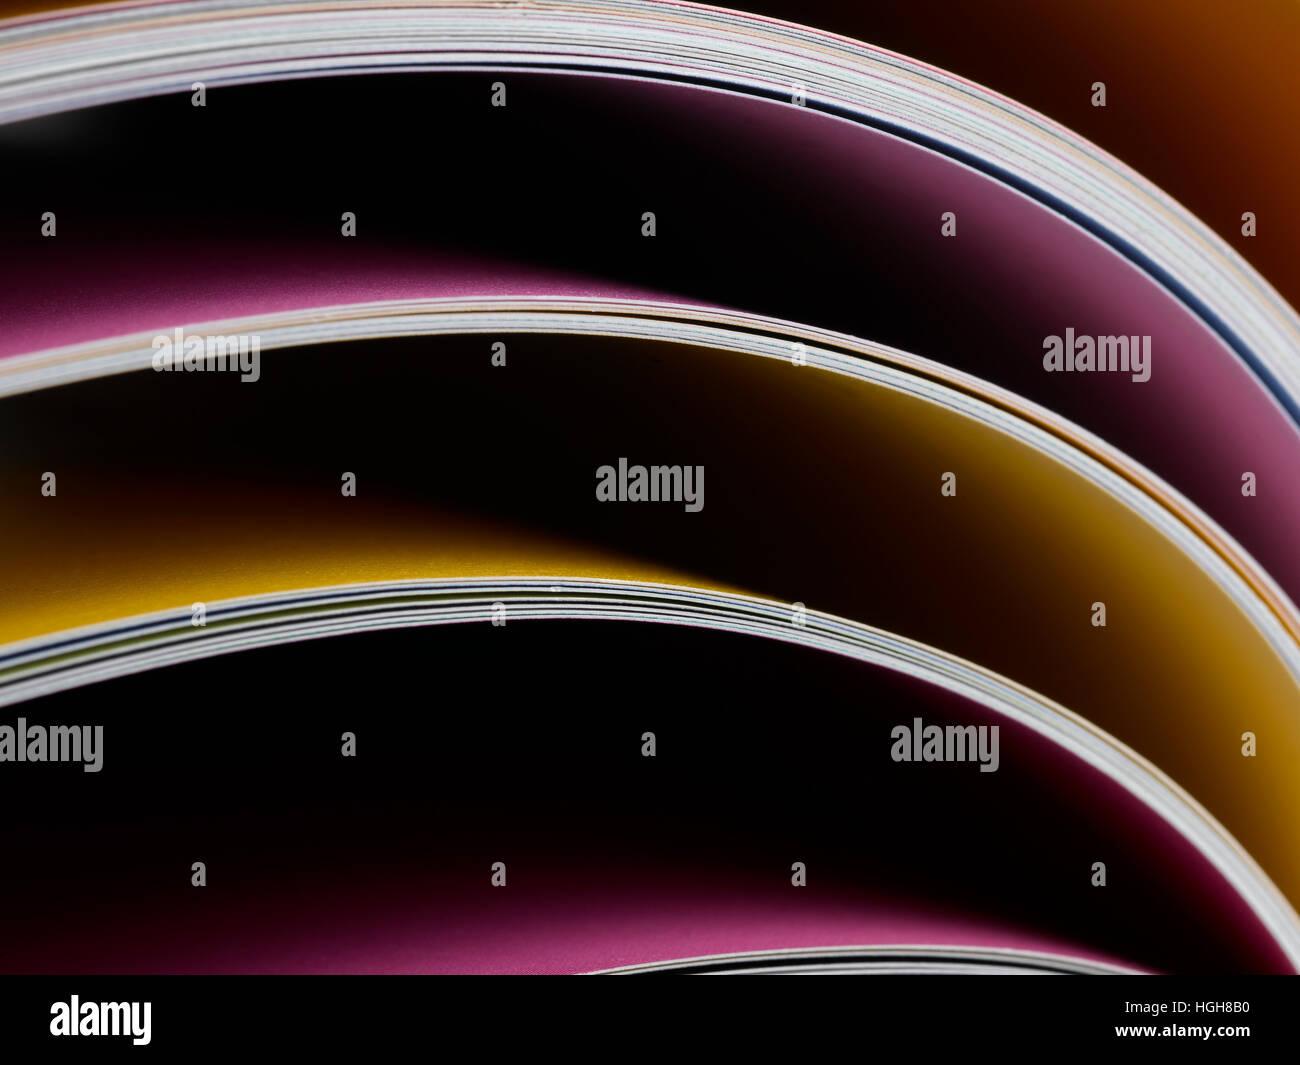 Magazin-Seiten füllen der Rahmen Stockfoto, Bild: 130686836 - Alamy